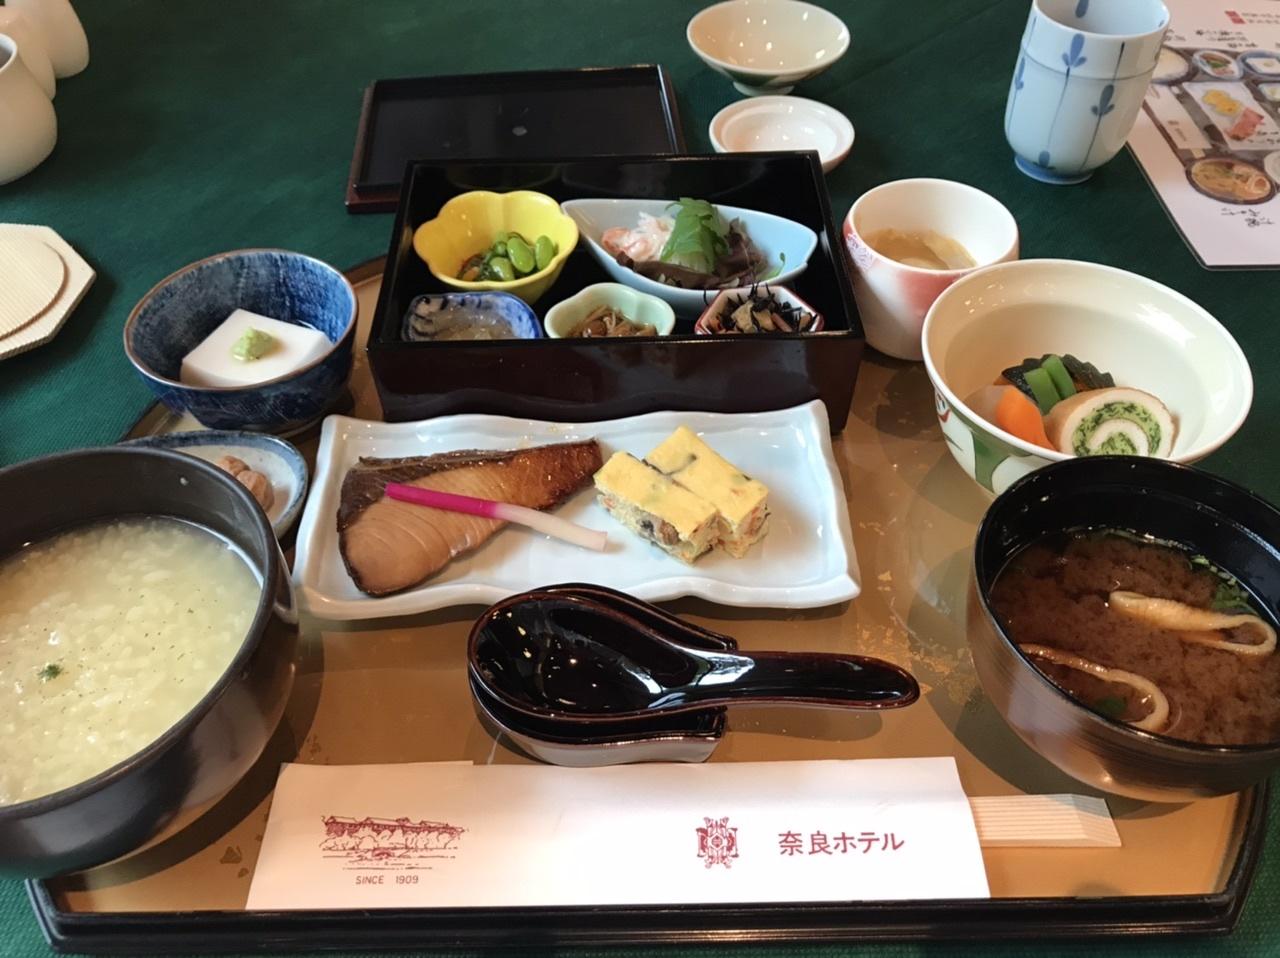 7月2日 奈良ホテル_a0317236_07302911.jpeg